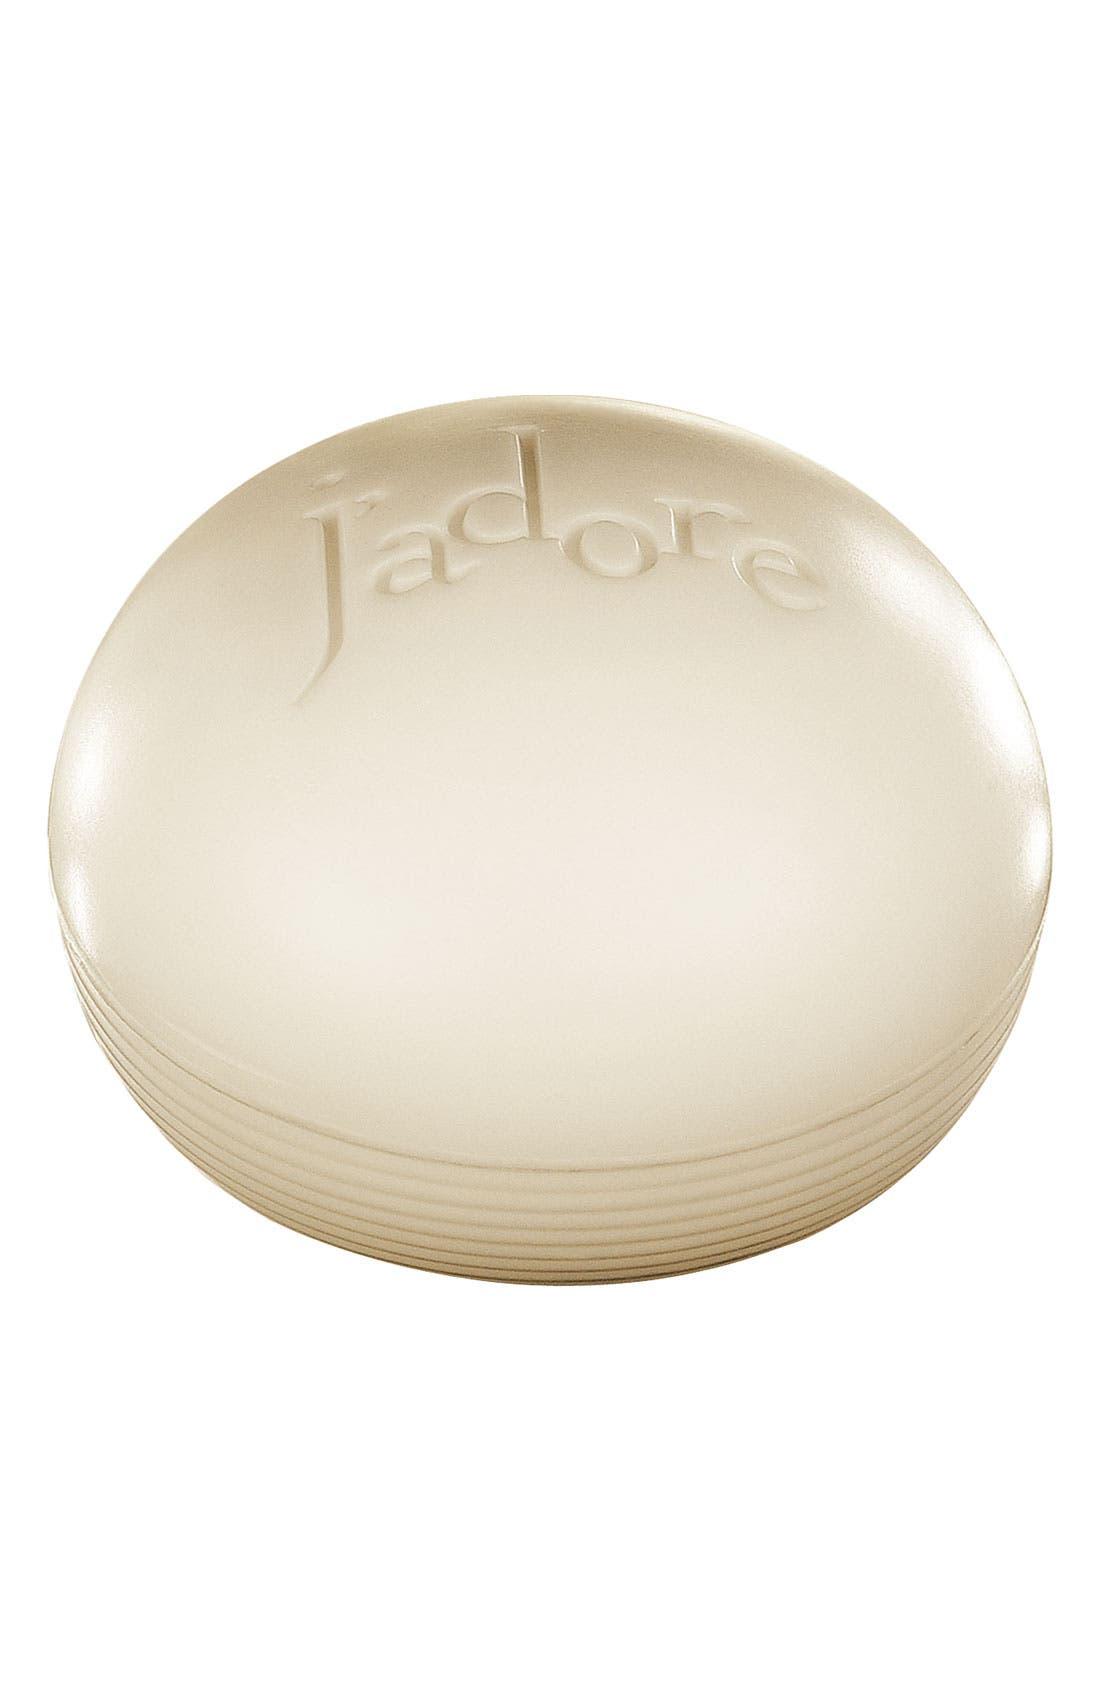 Dior 'J'adore' Silky Soap